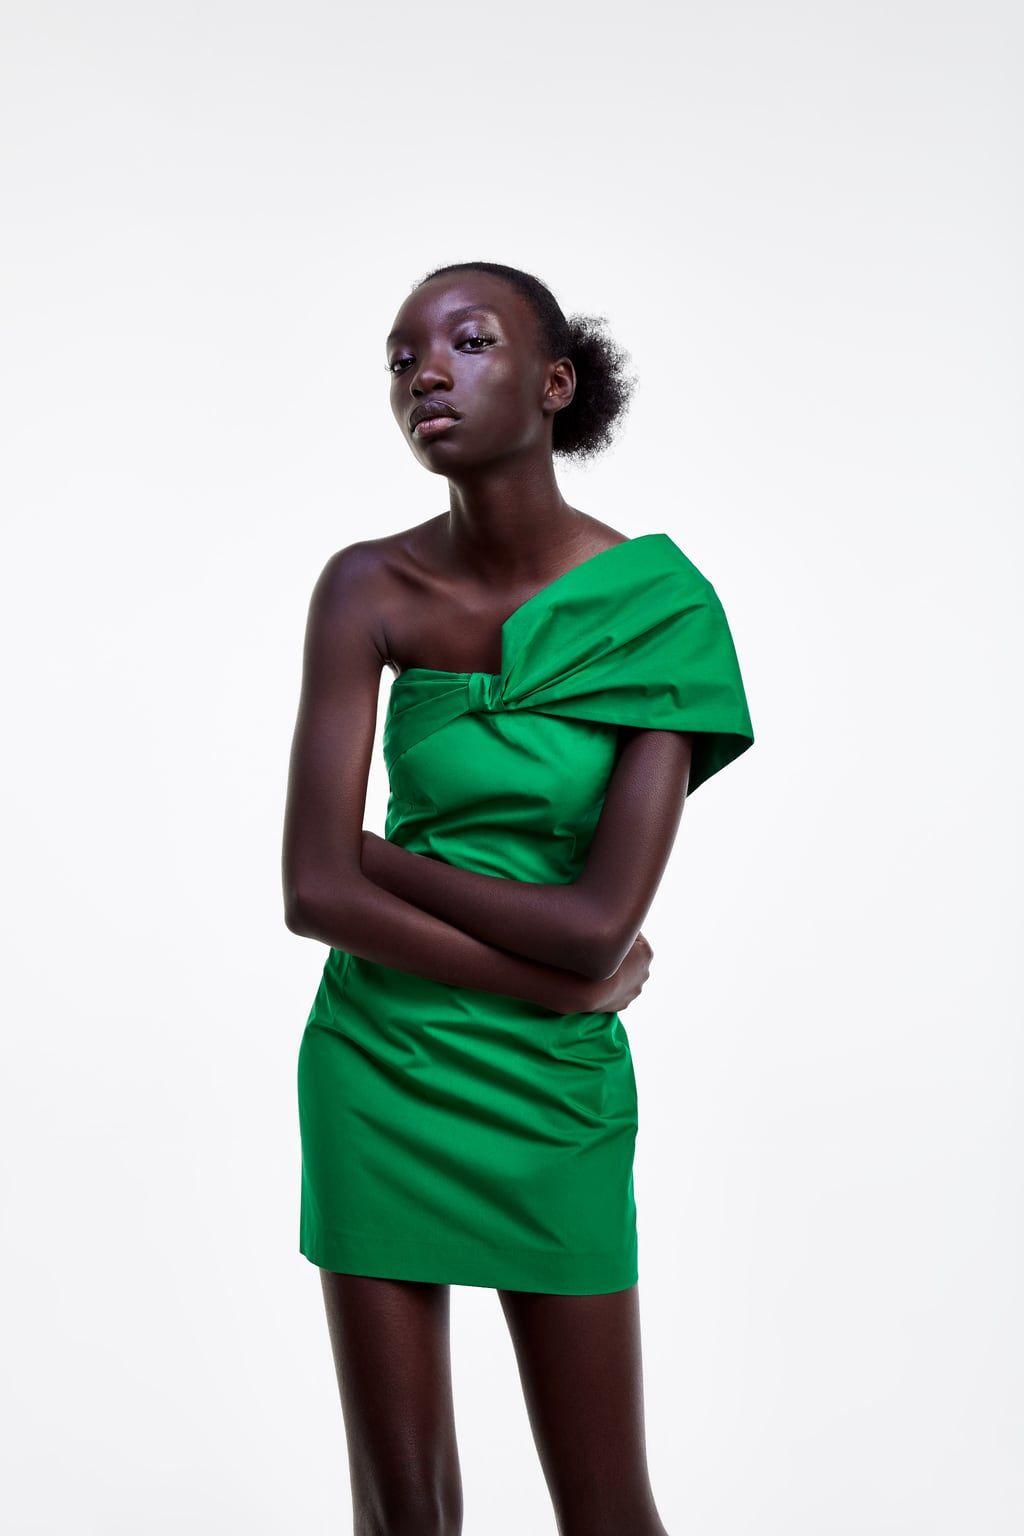 bd7dddf30 Cuando veas este vestido corto de Zara con escote drapeado y manga  asimétrica querrás que te inviten a una fiesta cuanto antes